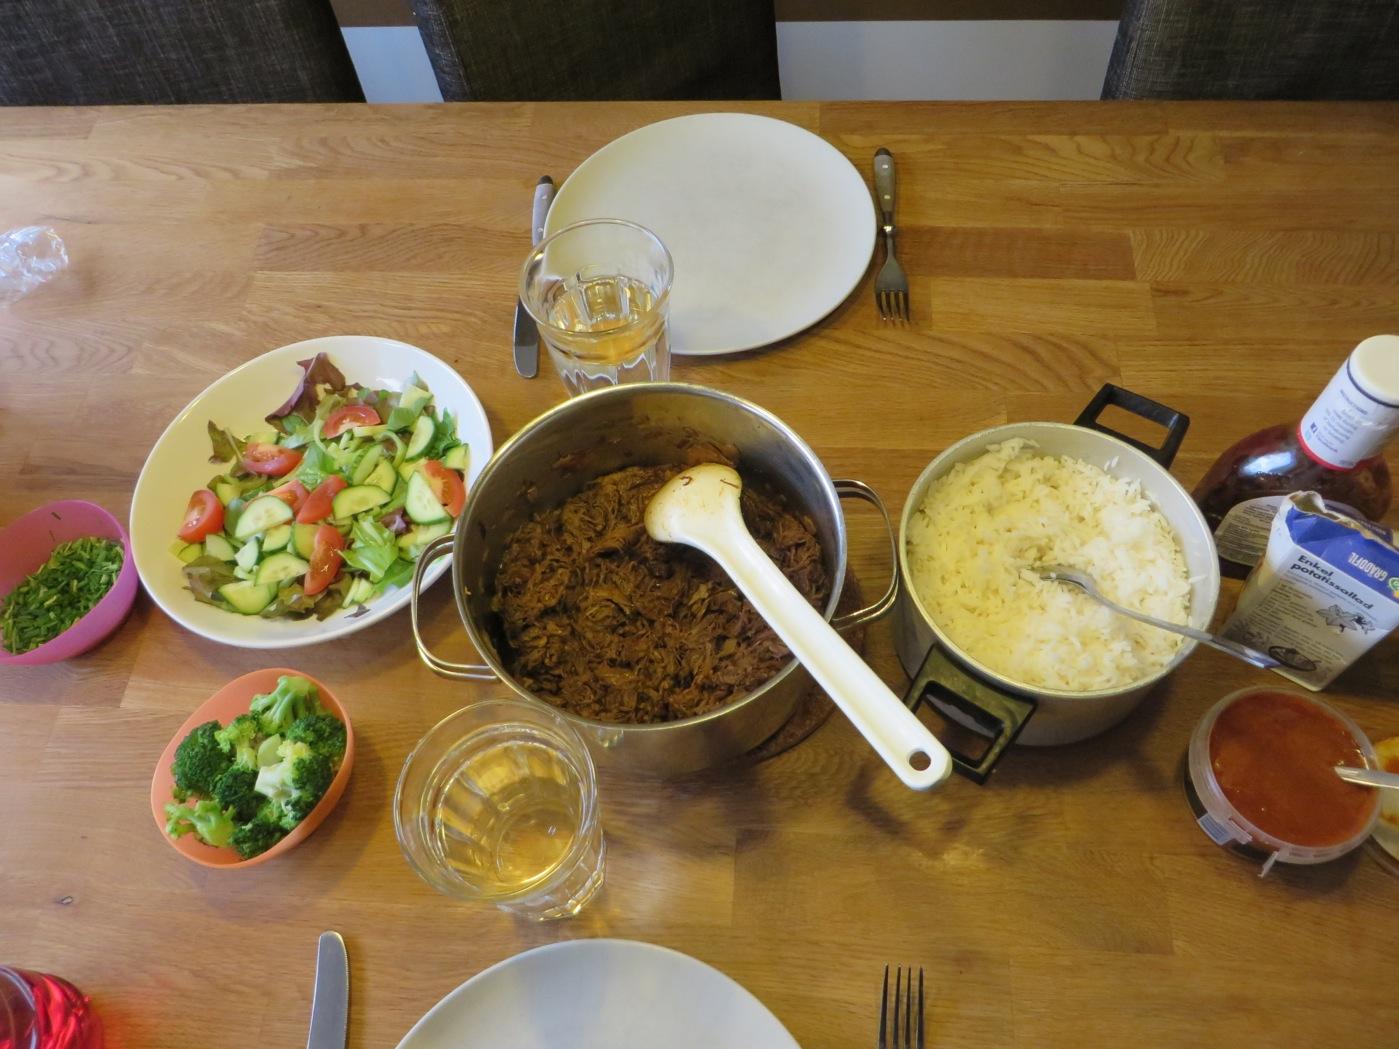 Pulled beef med ris och tillbehör